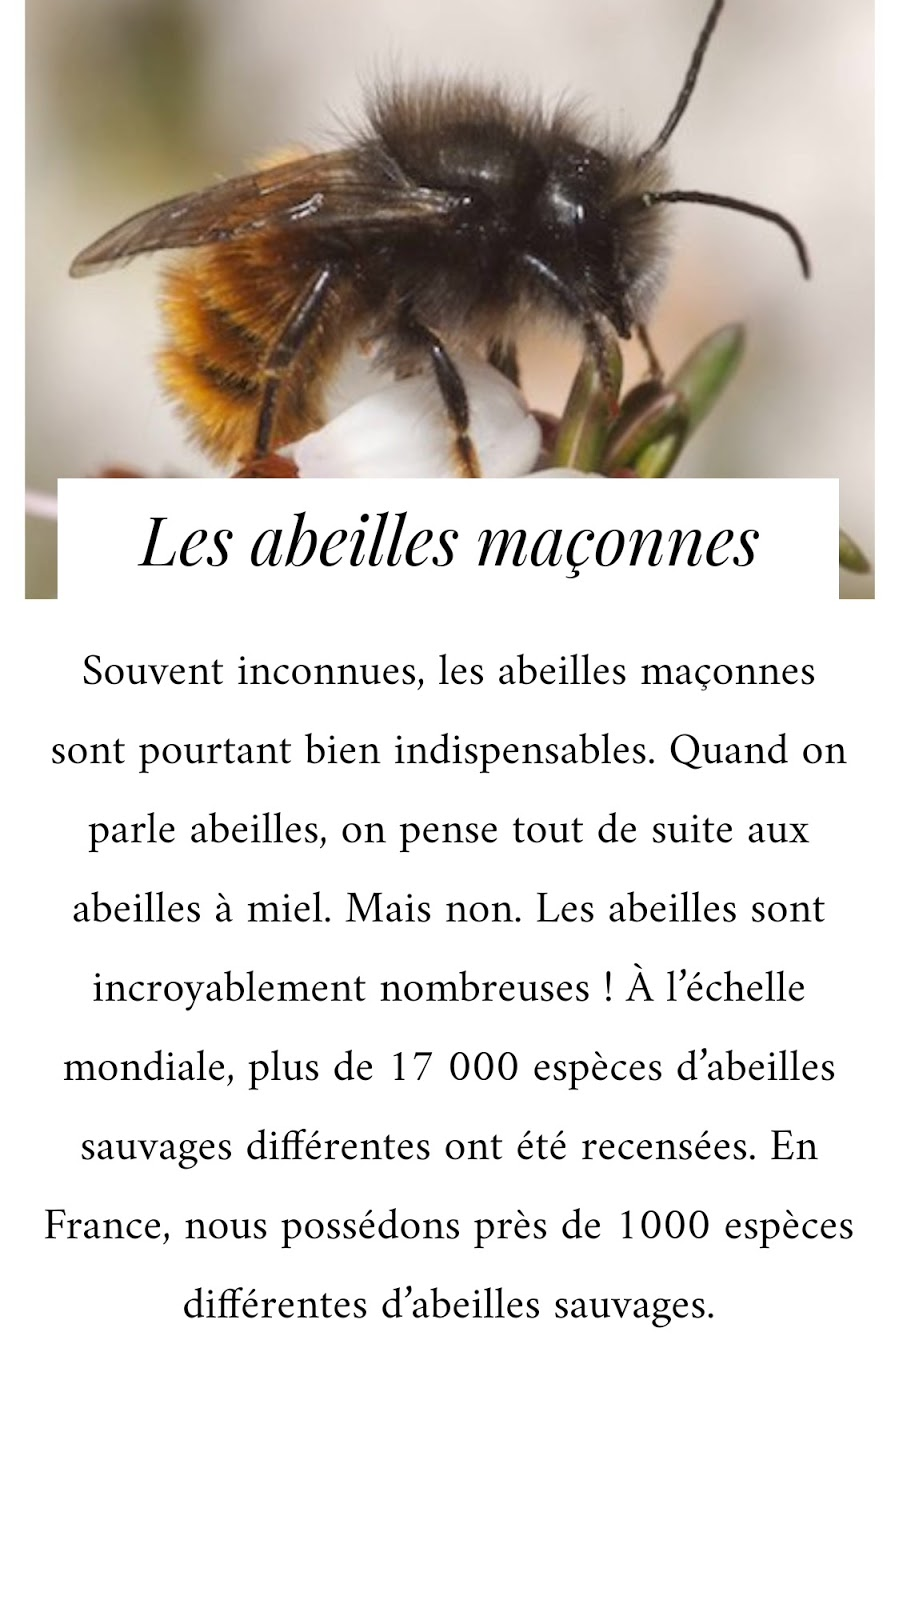 abeilles-maçonnes-indispensables-biodiversité